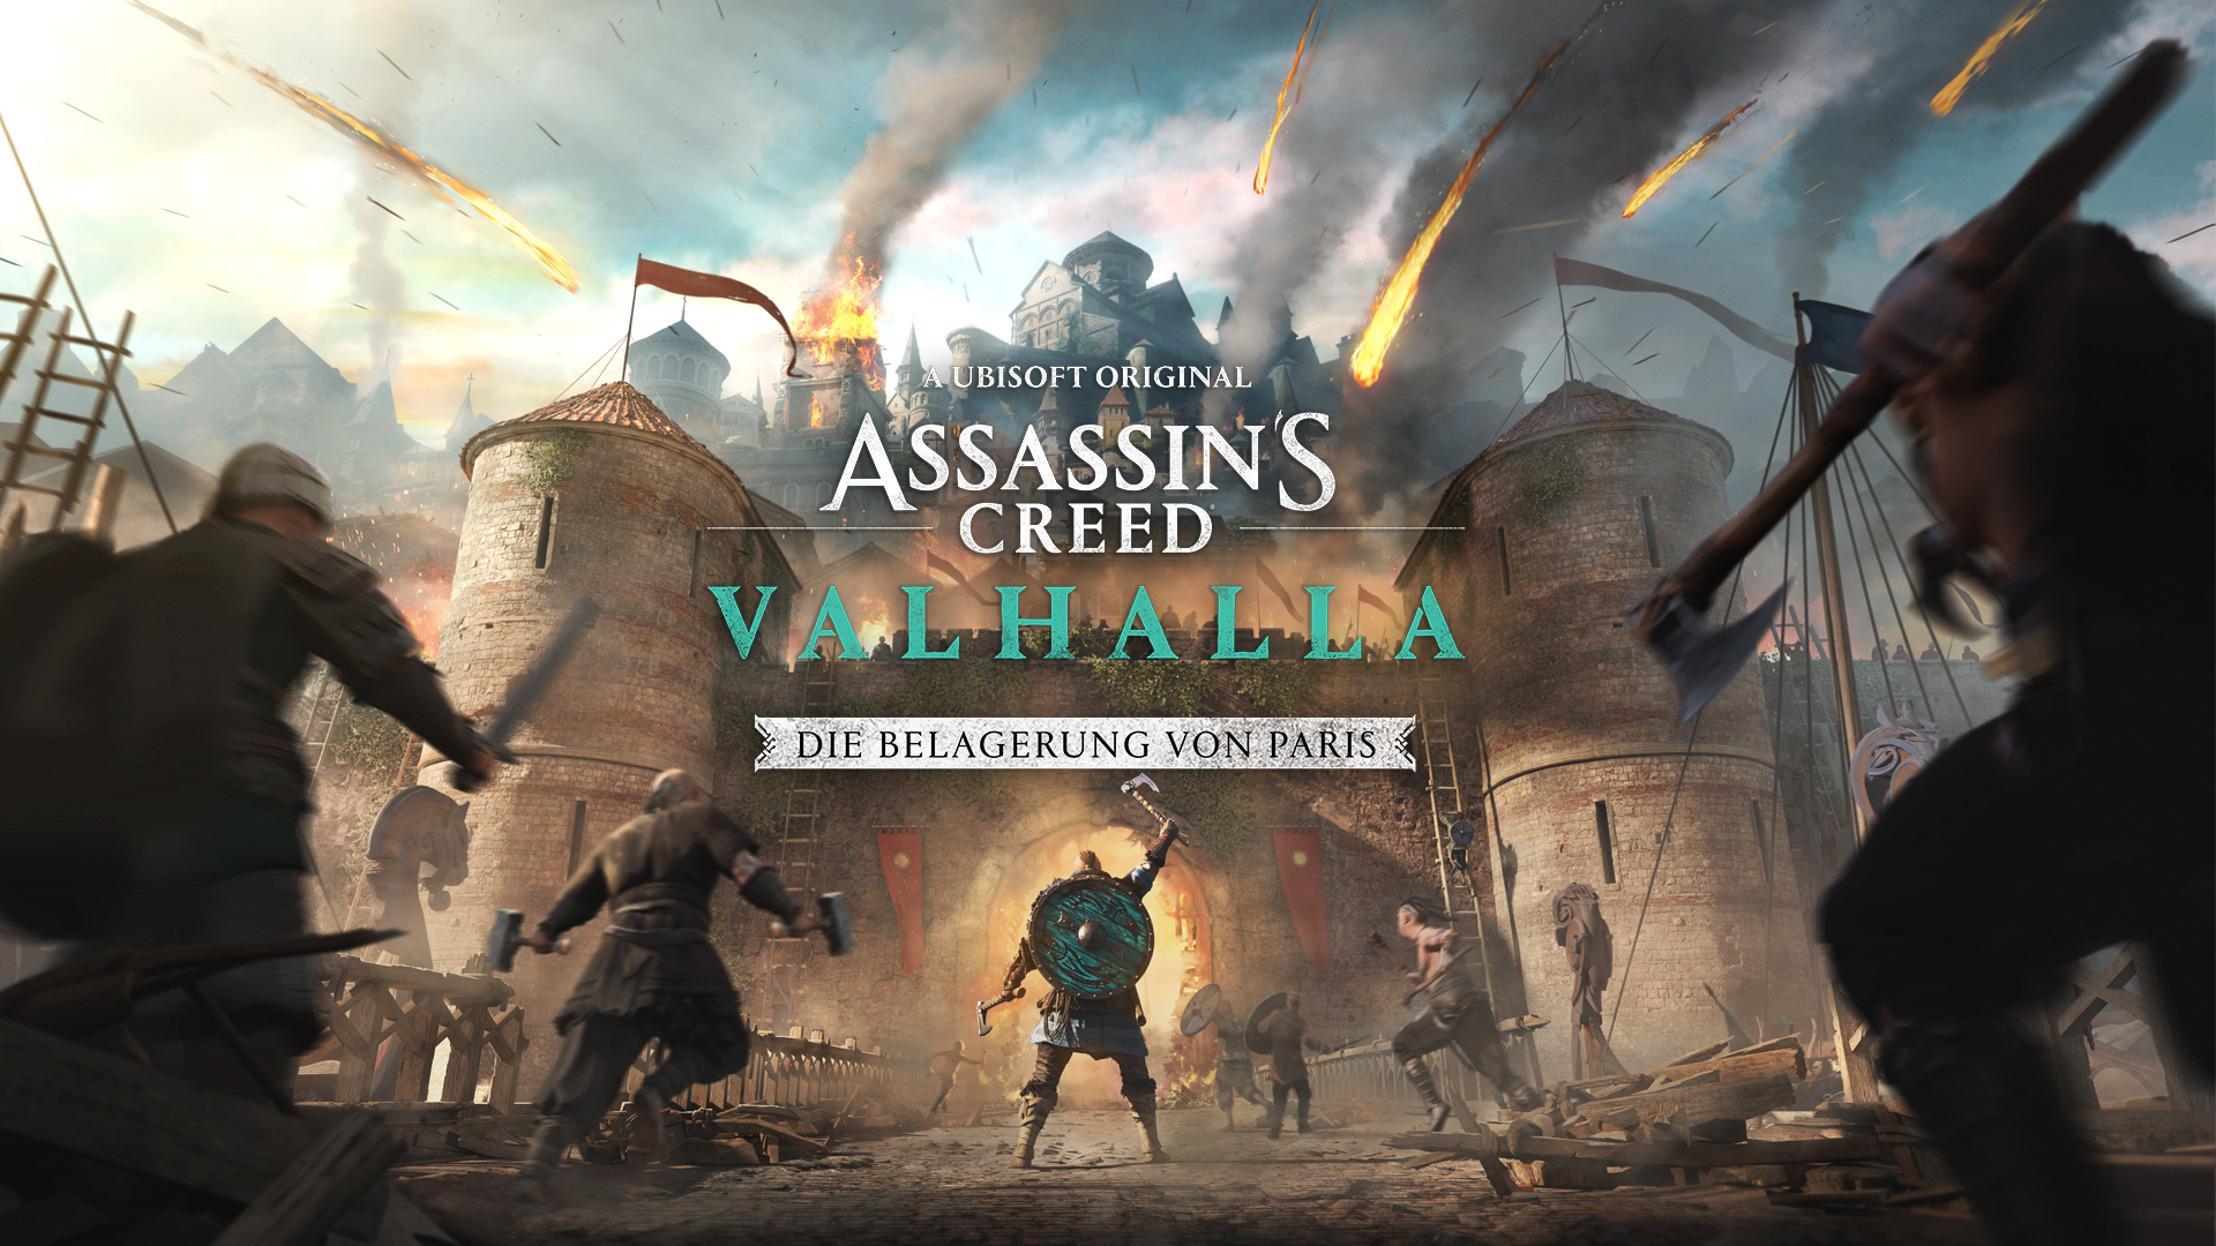 Preview: ASSASSIN'S CREED VALHALLA: DIE BELAGERUNG VON PARIS ERSCHEINT AM 12. AUGUST